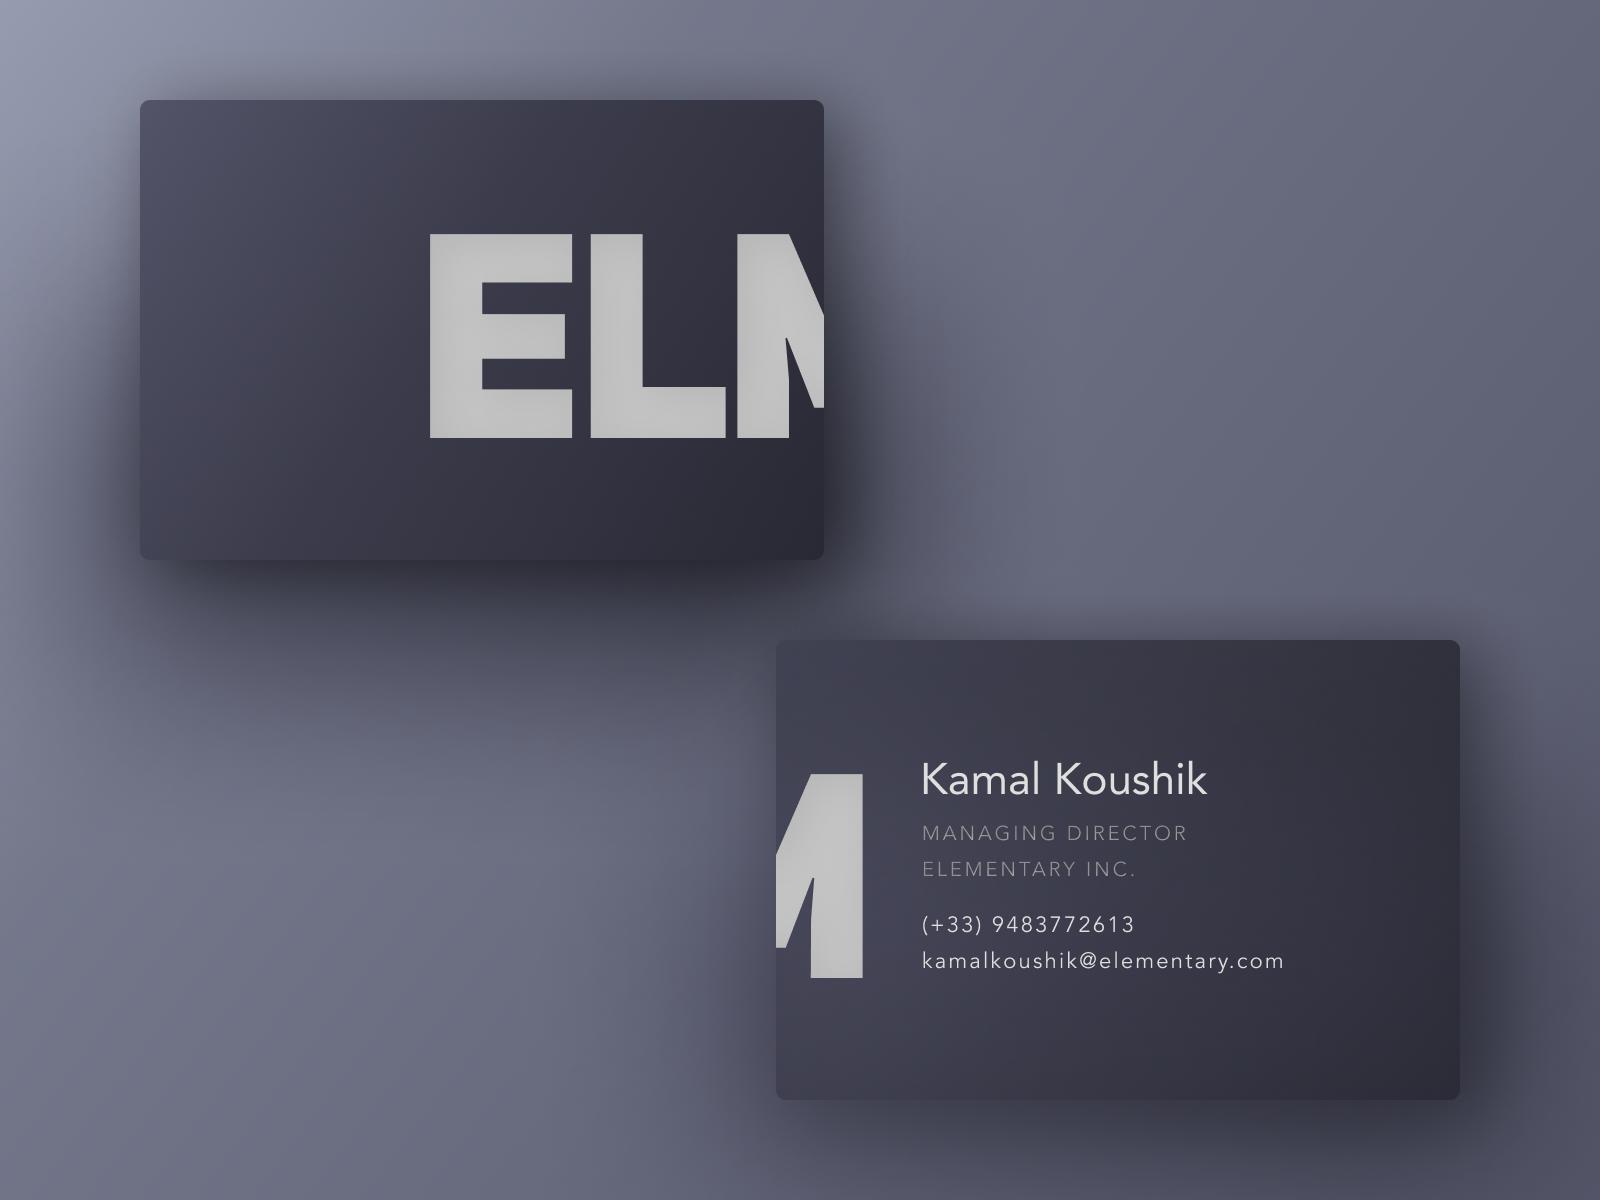 Business card mockup figma freebie by kamal kaushik dribbble dribbble business card 4x colourmoves